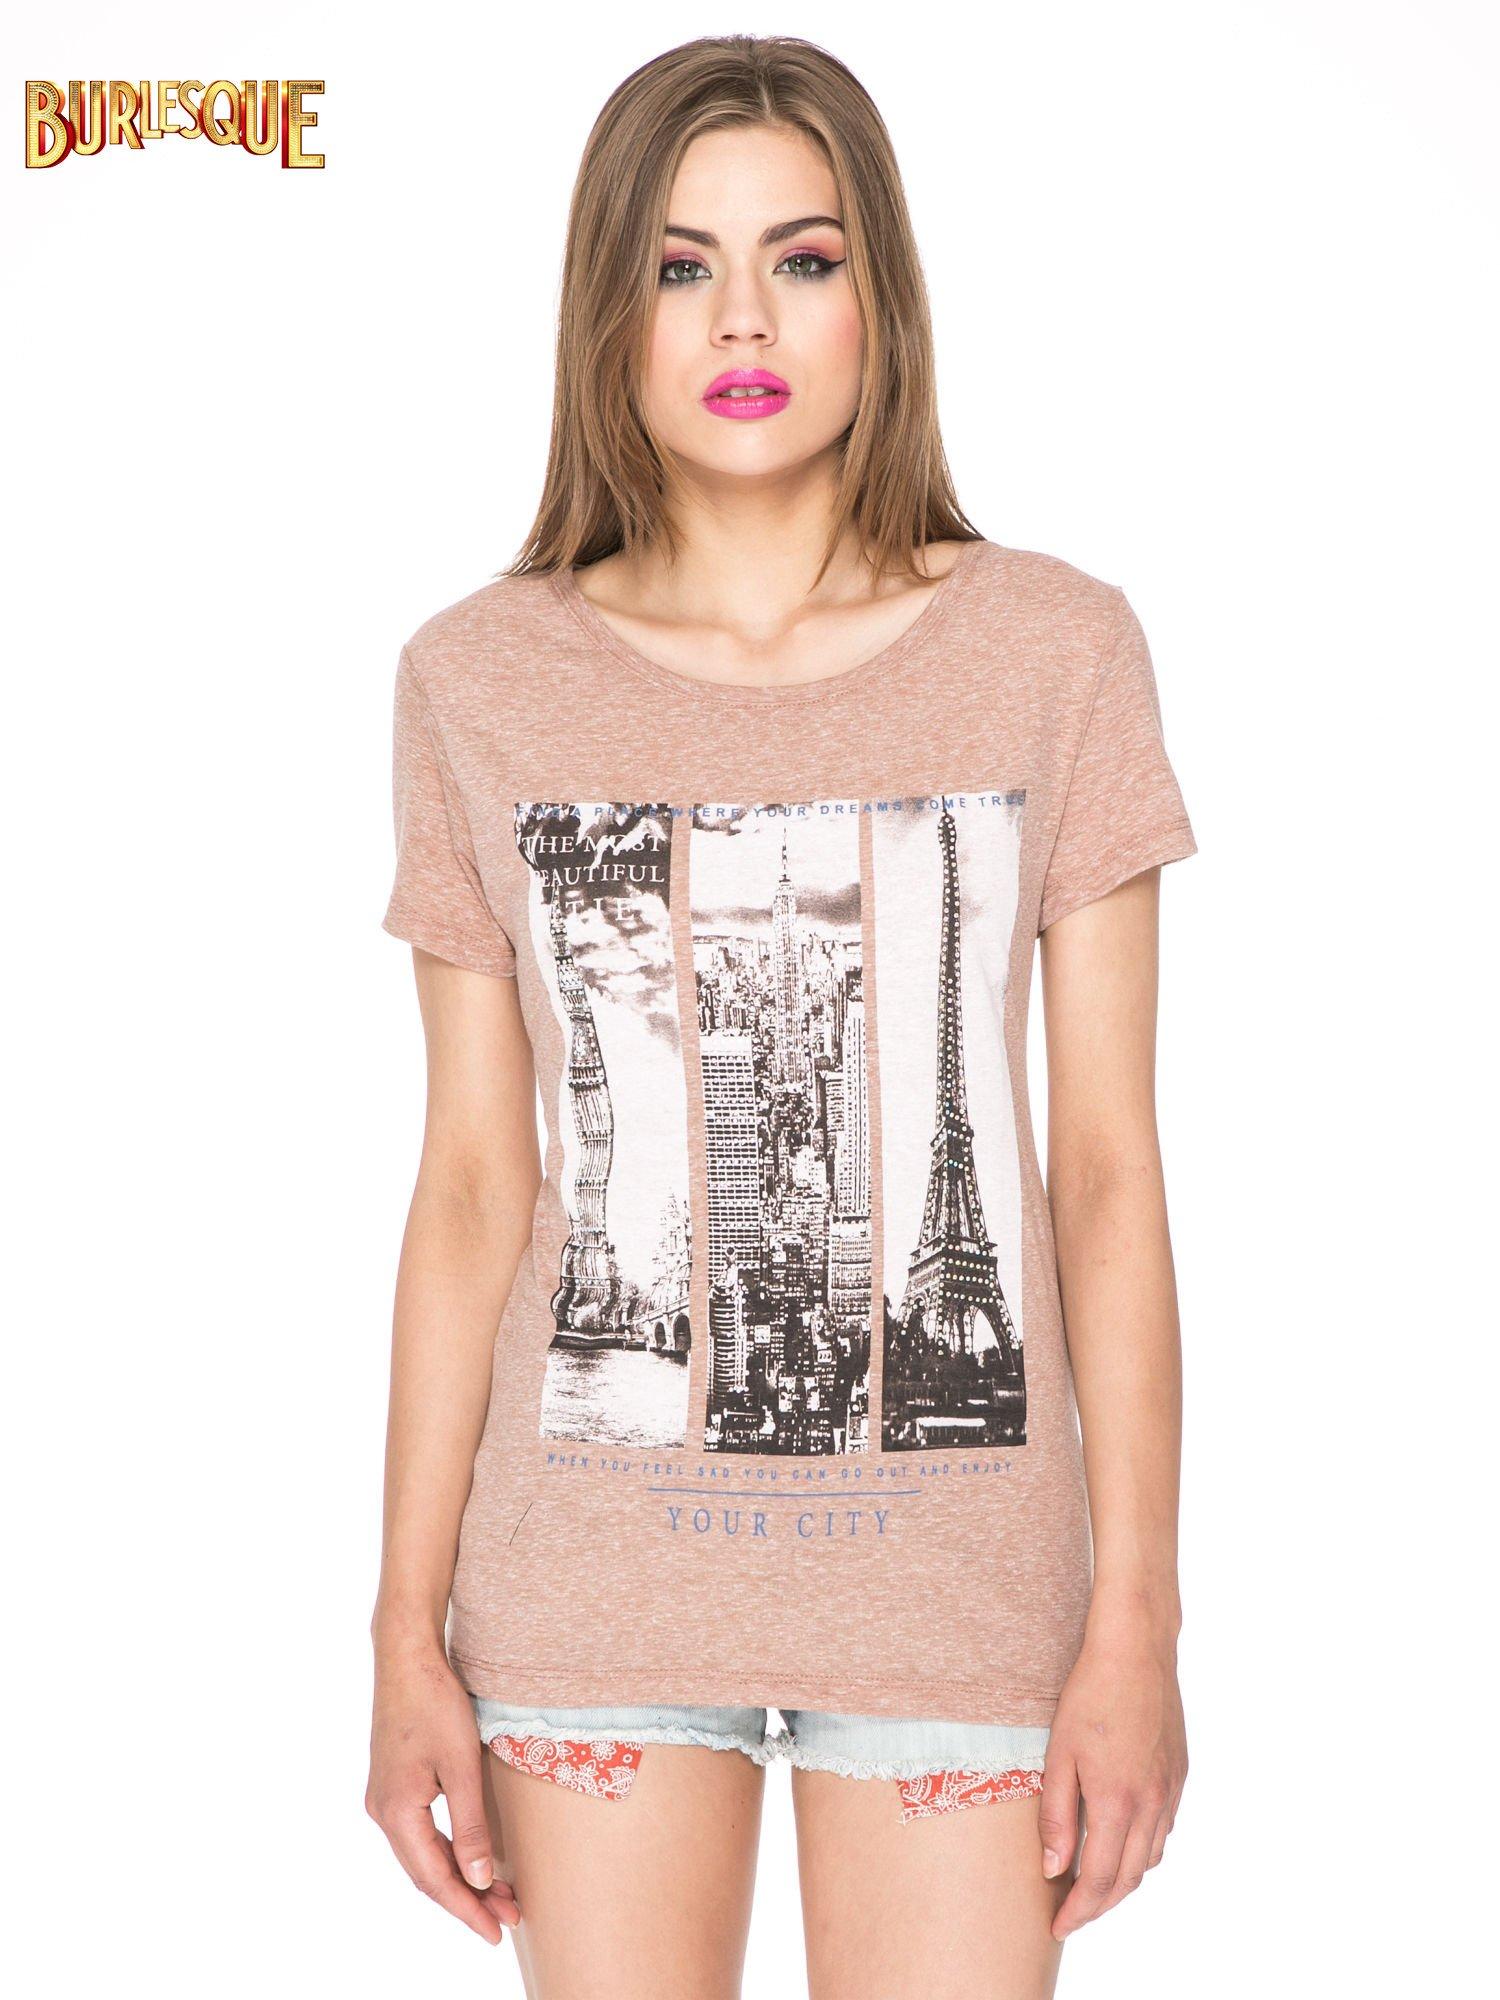 Jasnobordowy t-shirt z fotografiami miast                                  zdj.                                  12